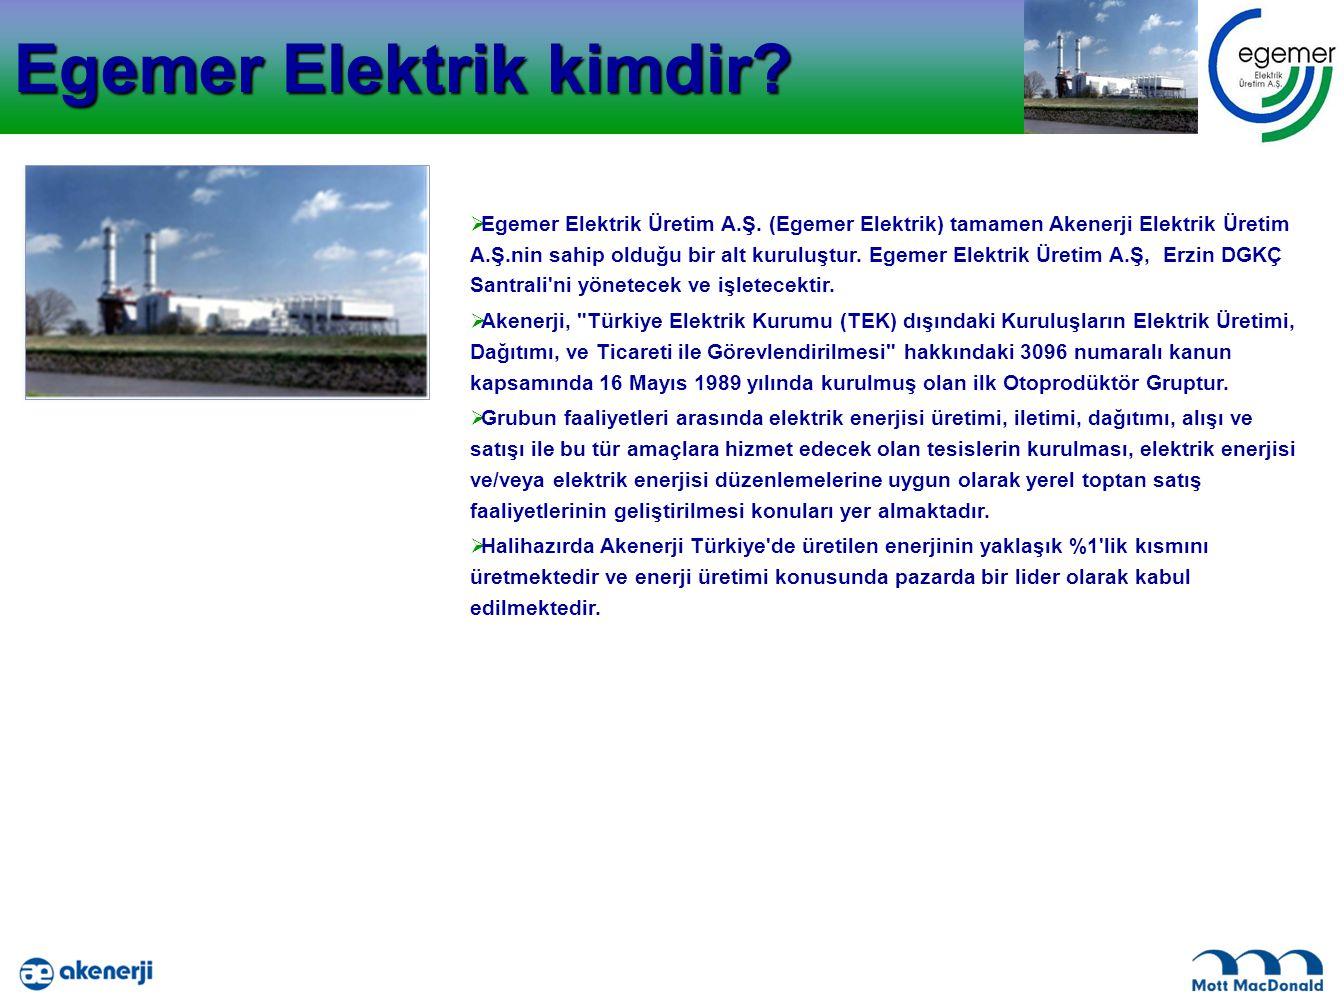 Egemer Elektrik kimdir